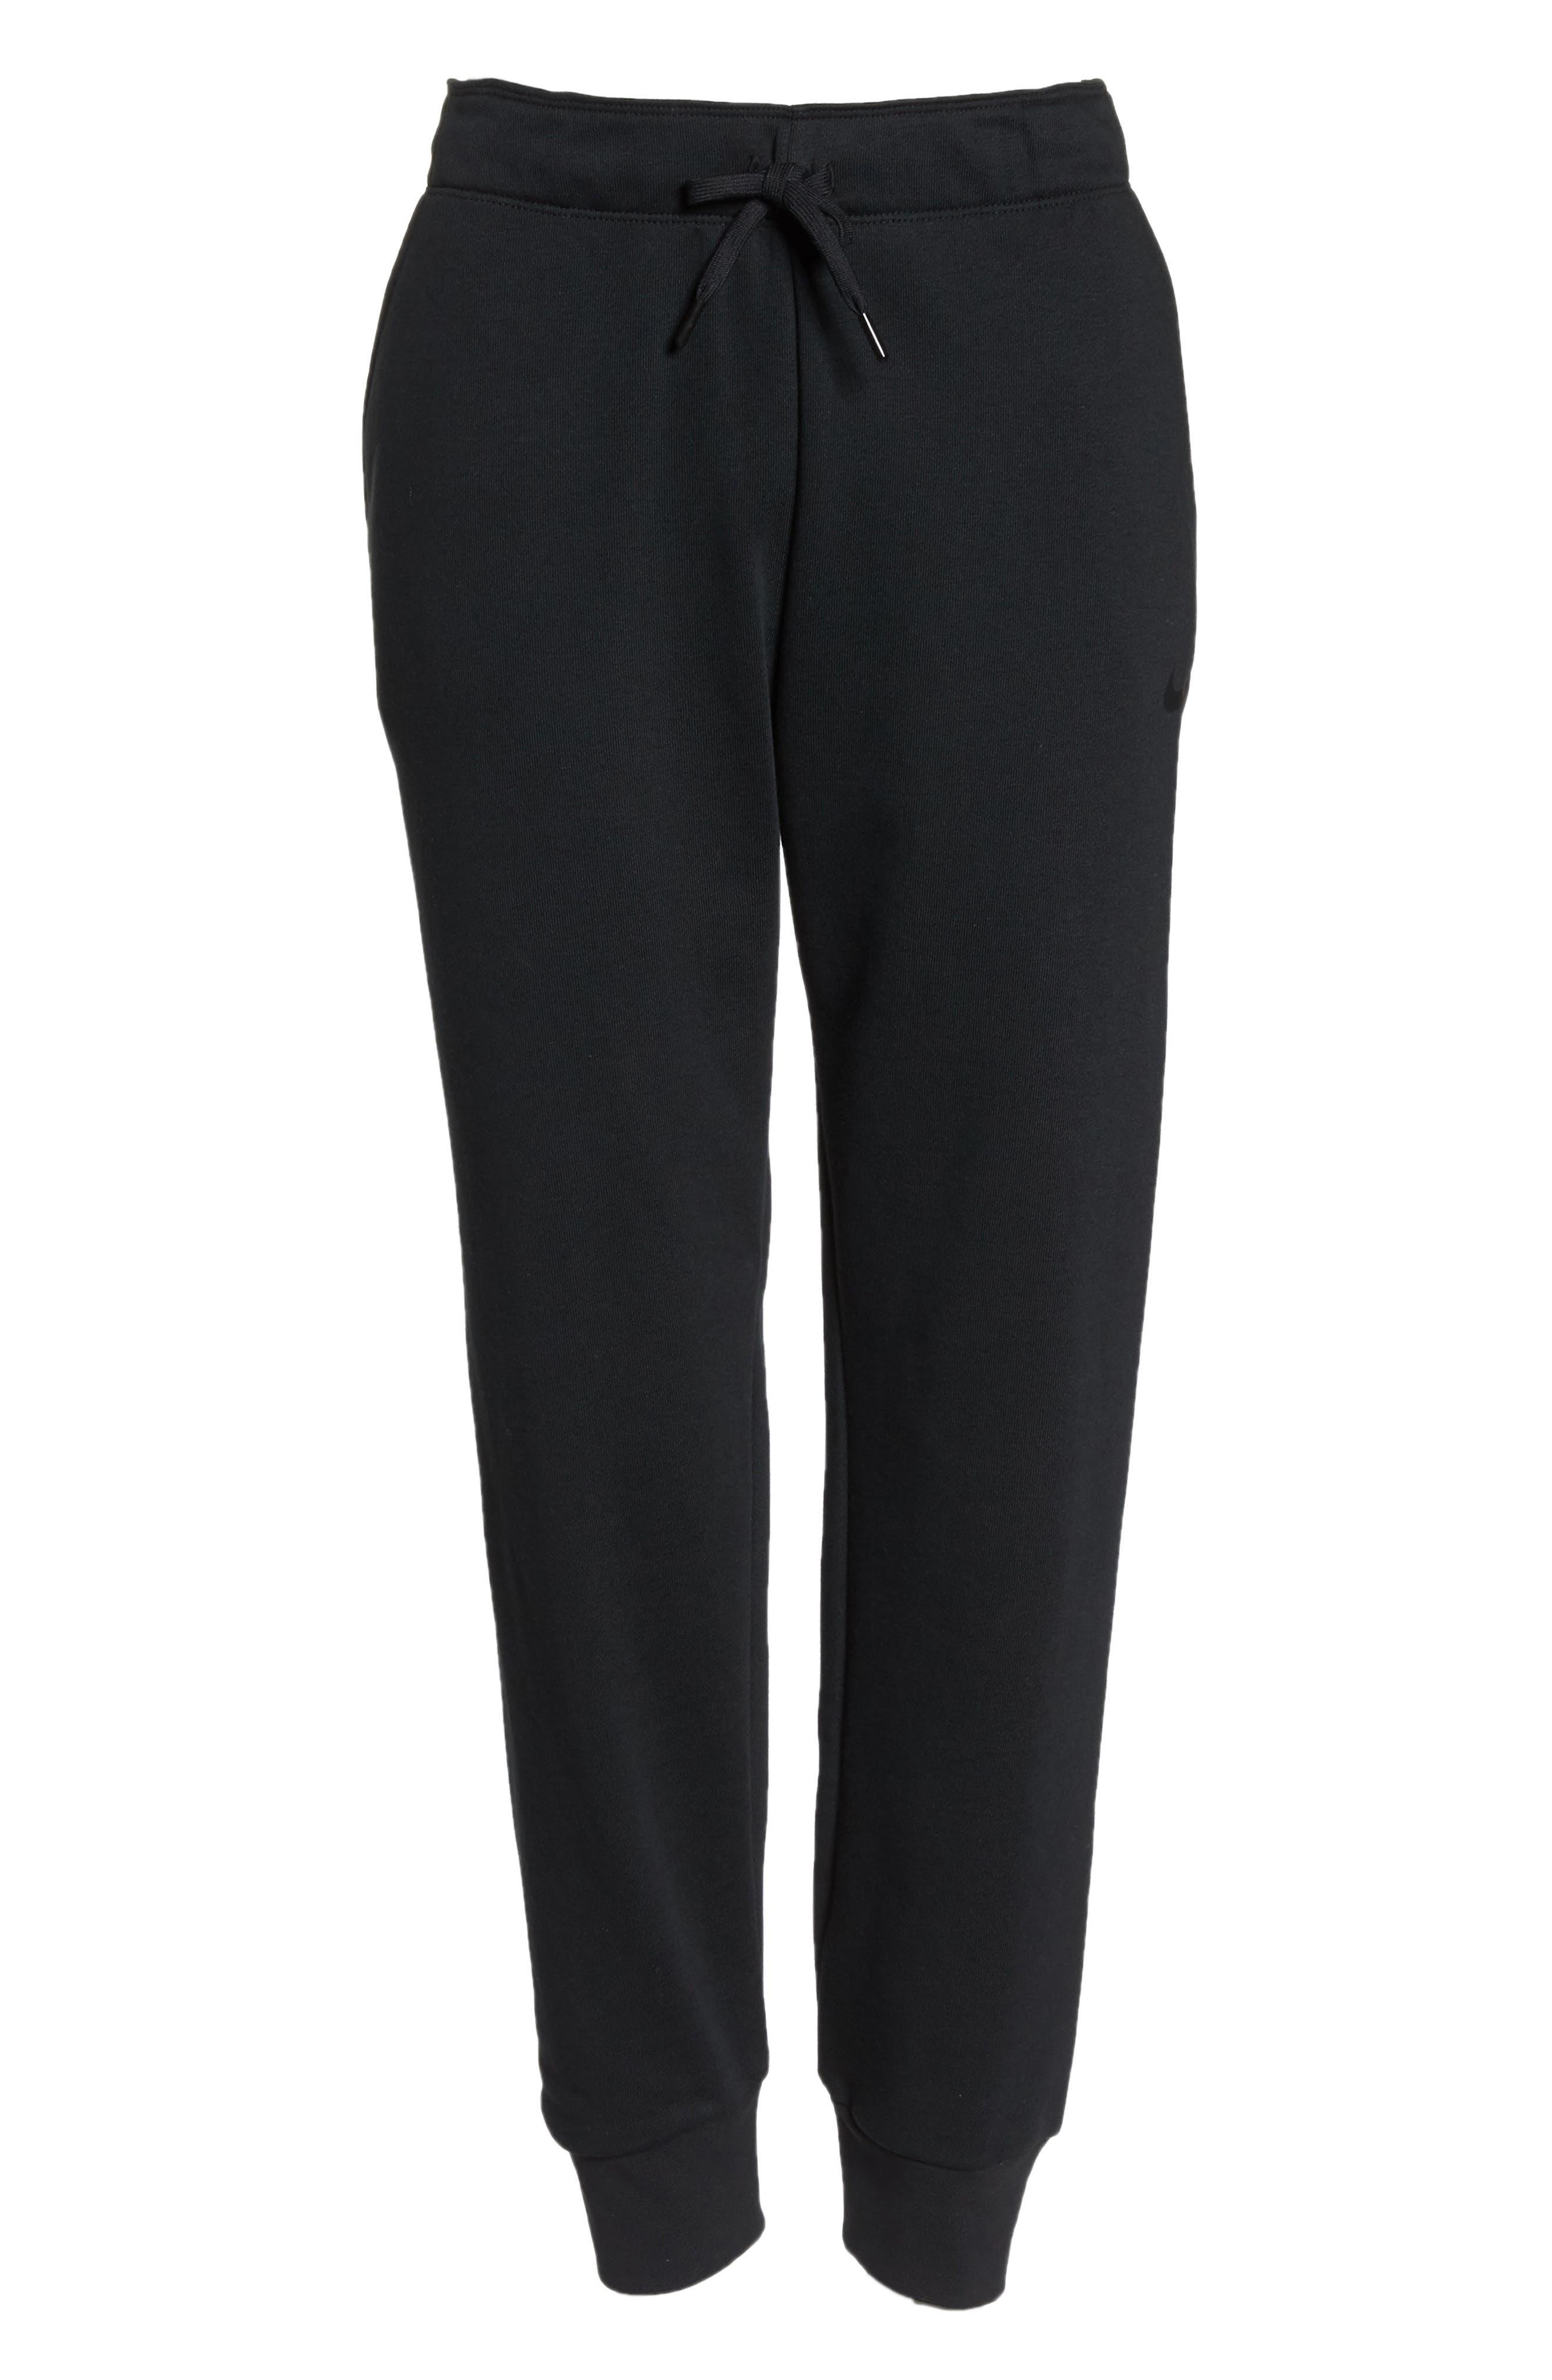 Tapered Training Pants,                             Alternate thumbnail 7, color,                             BLACK/ BLACK